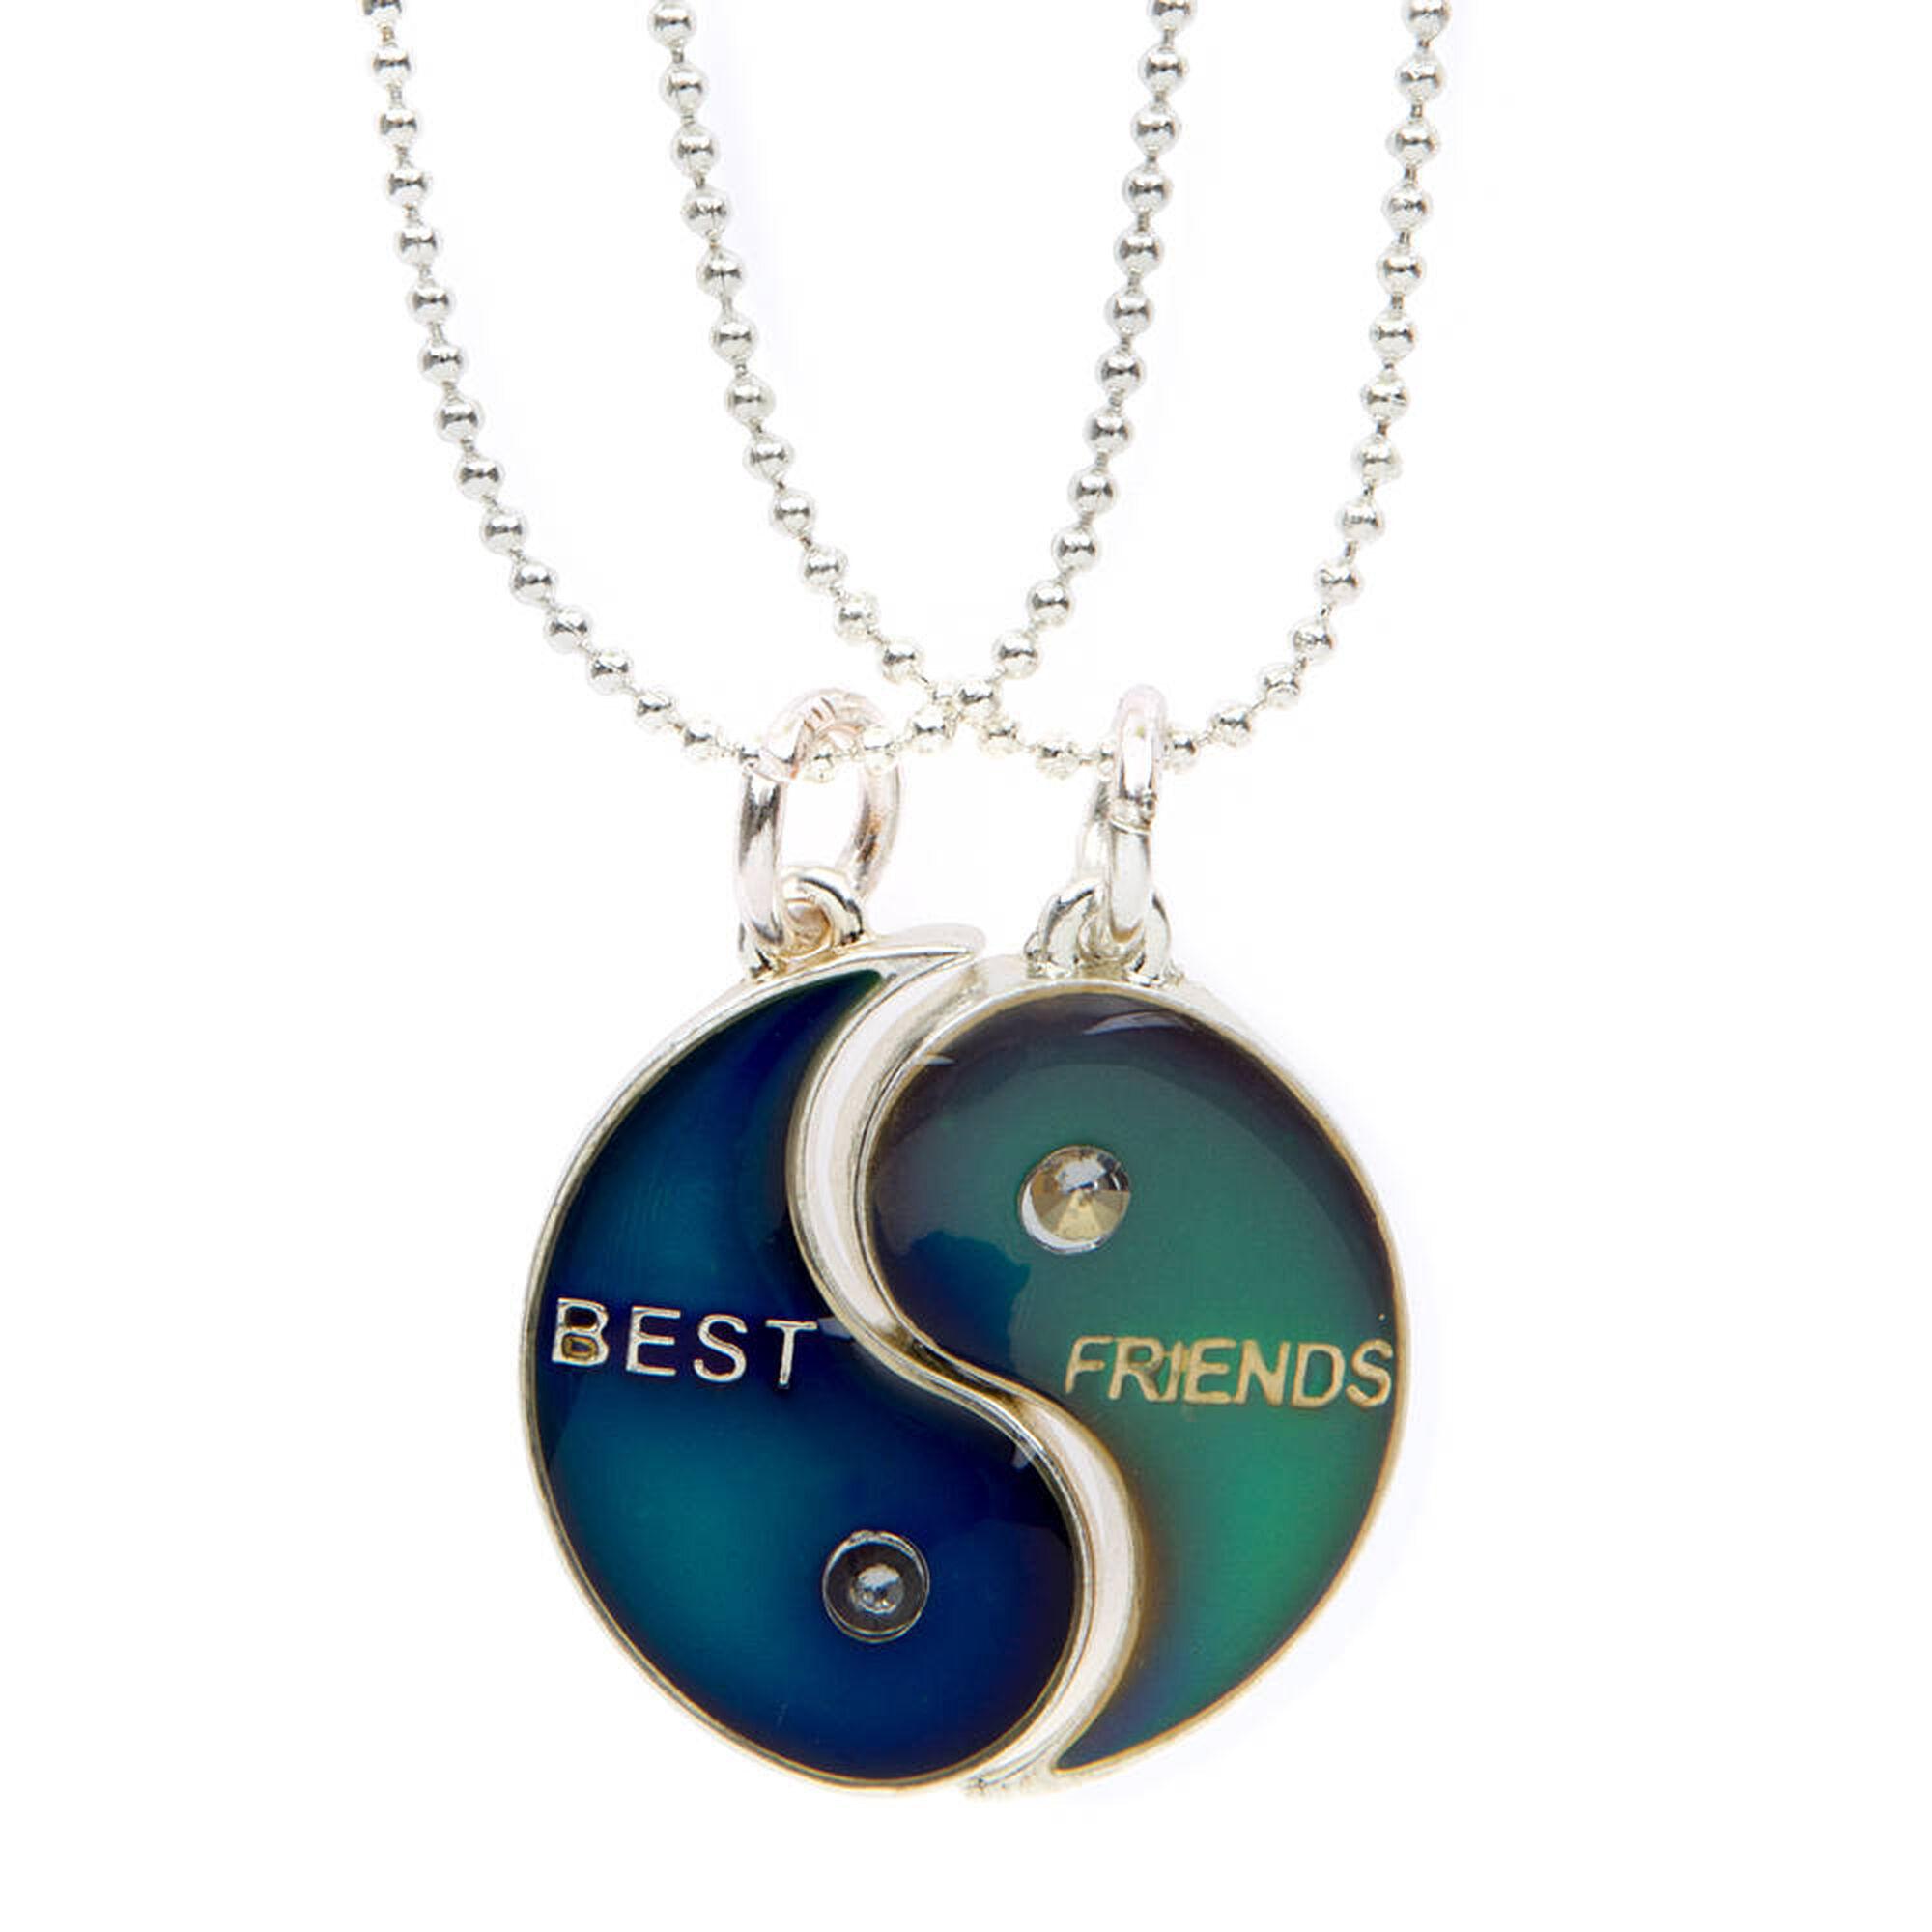 Best Friends Yin-Yang Mood Pendant Necklace | Claire's US